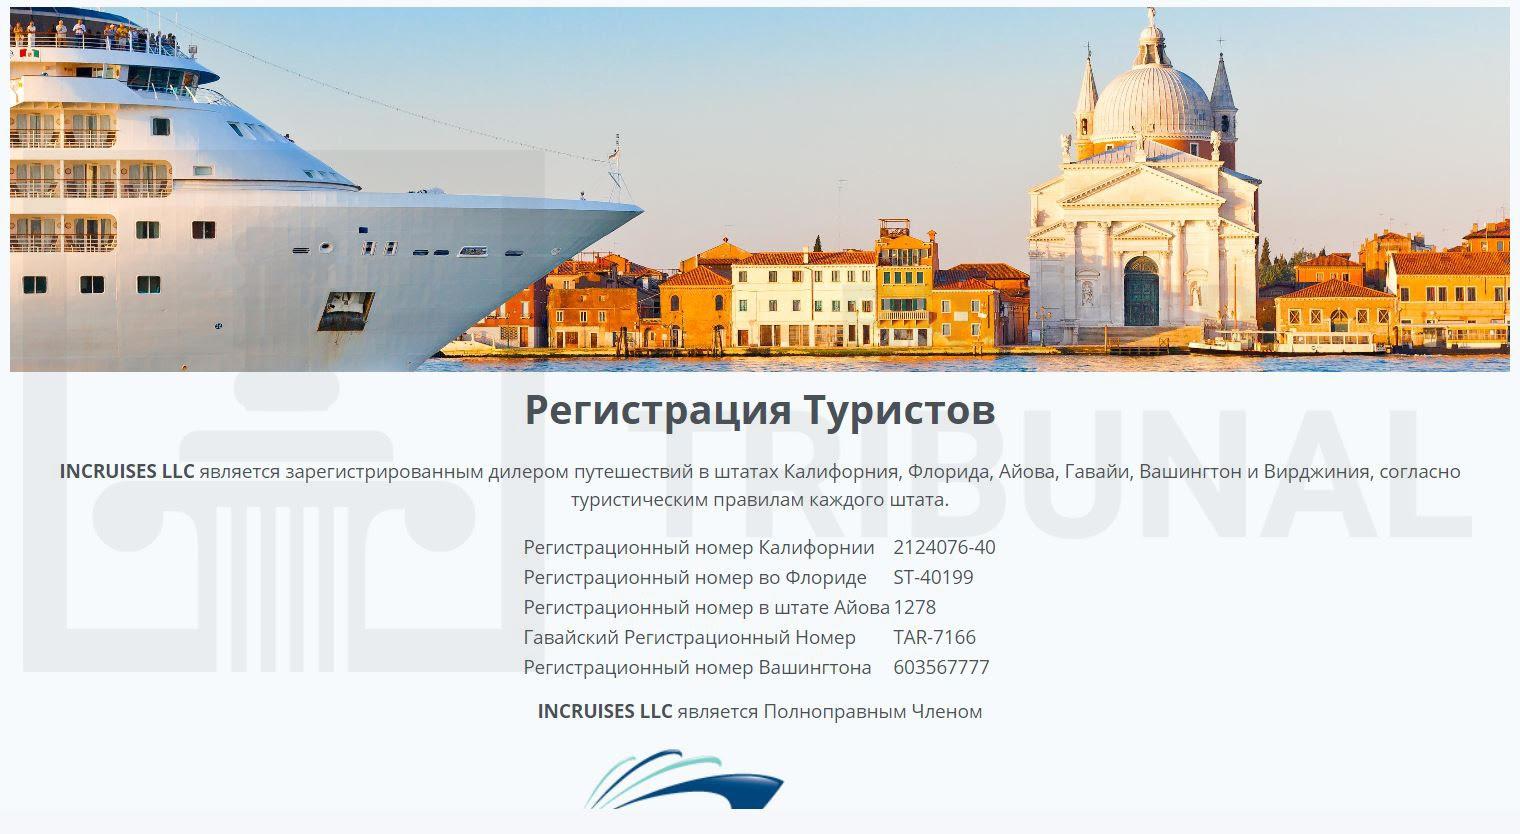 Регистрация туристов